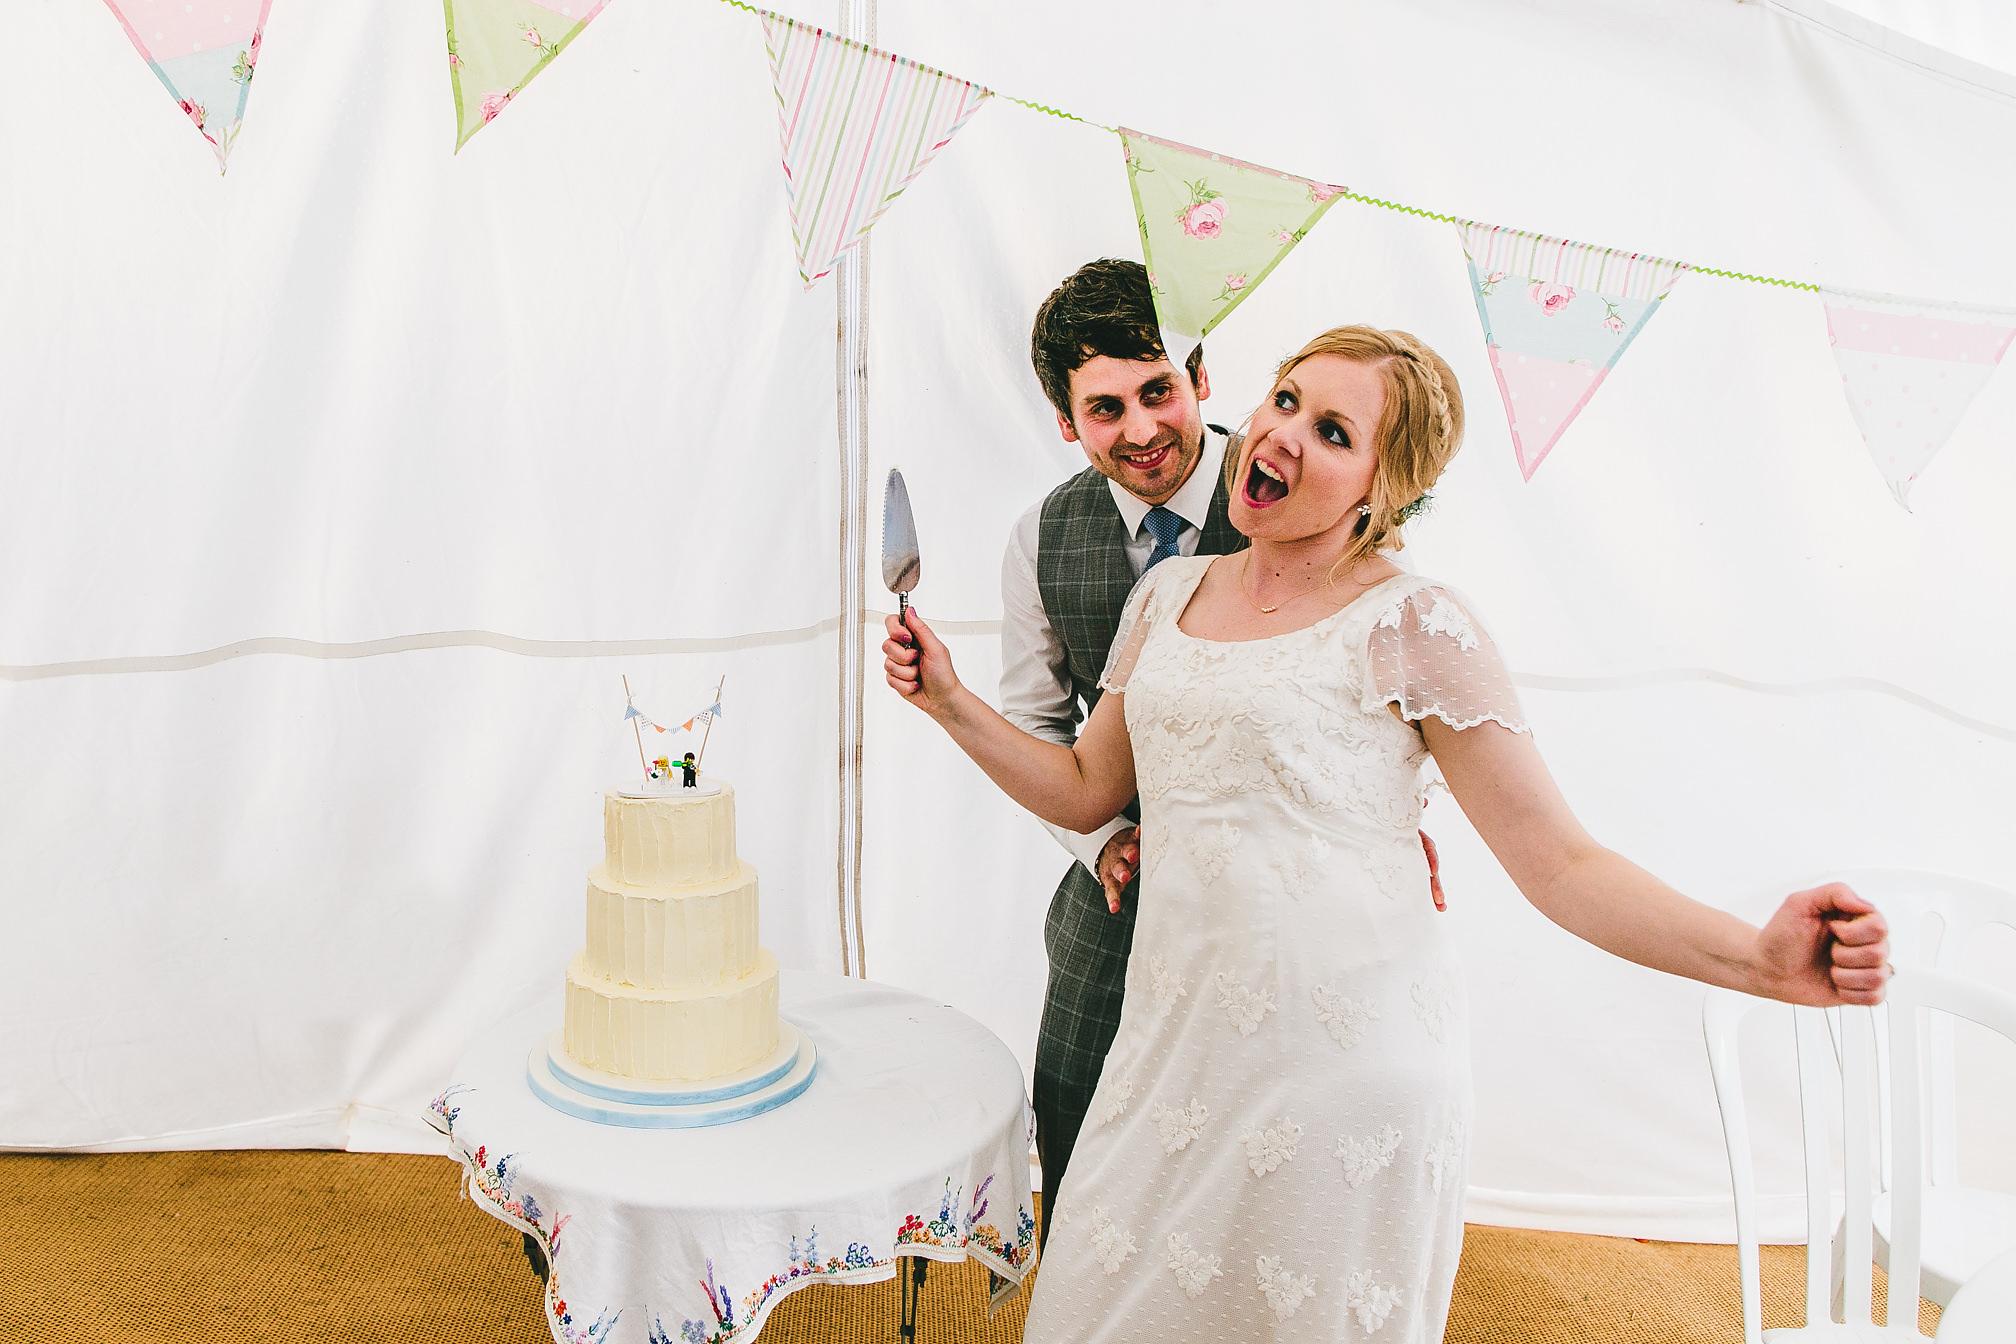 Vintage wedding cake cutting